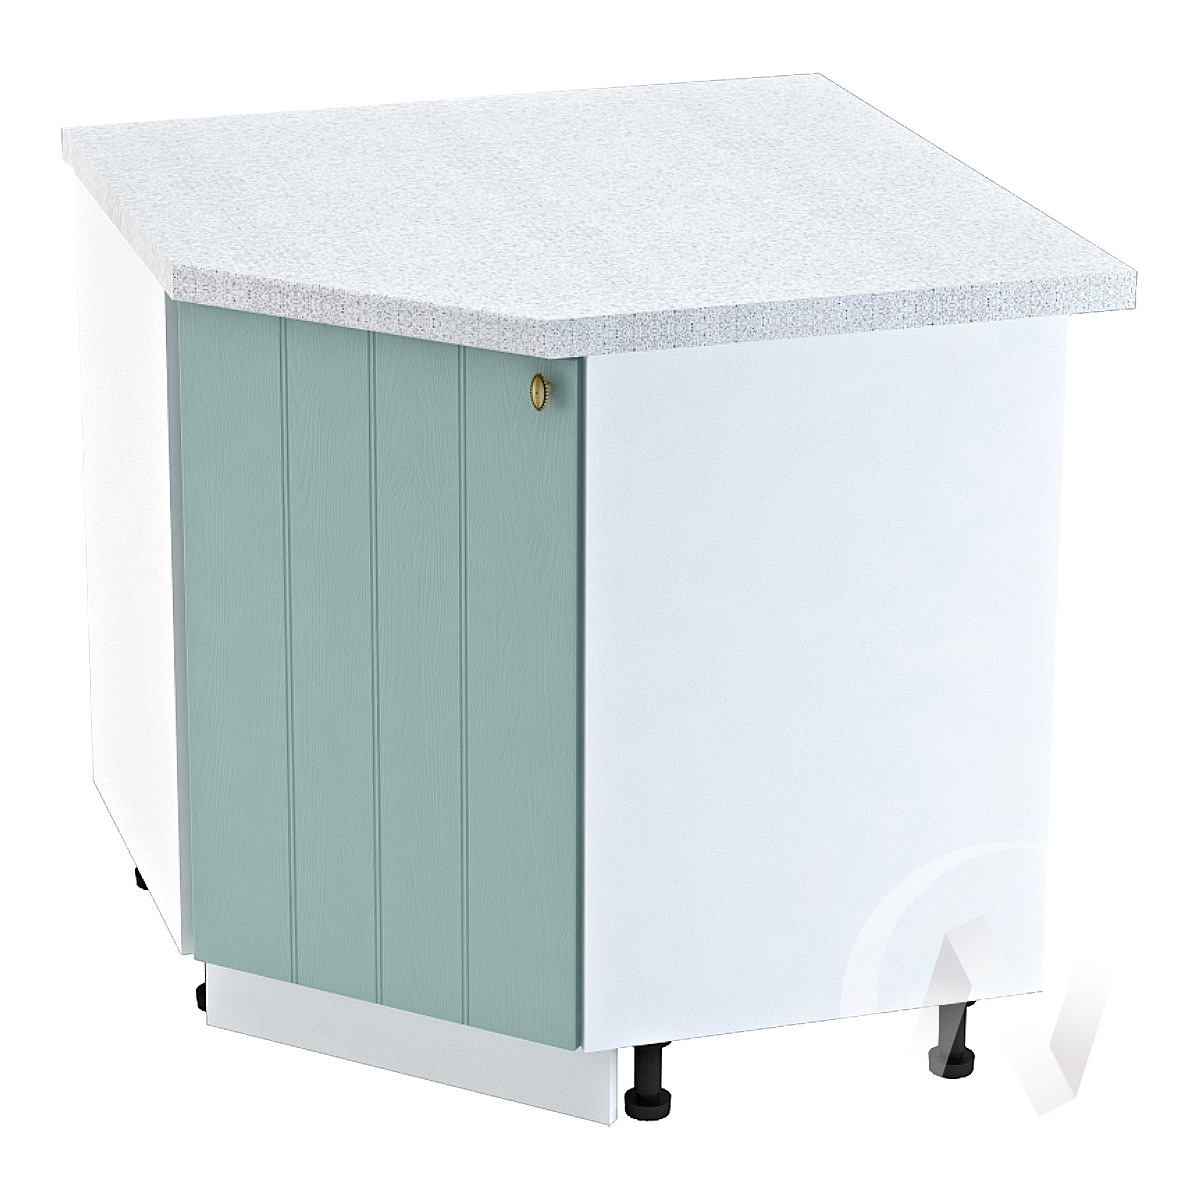 """Кухня """"Прованс"""": Шкаф нижний угловой 890, ШНУ 890 (голубой/корпус белый)"""